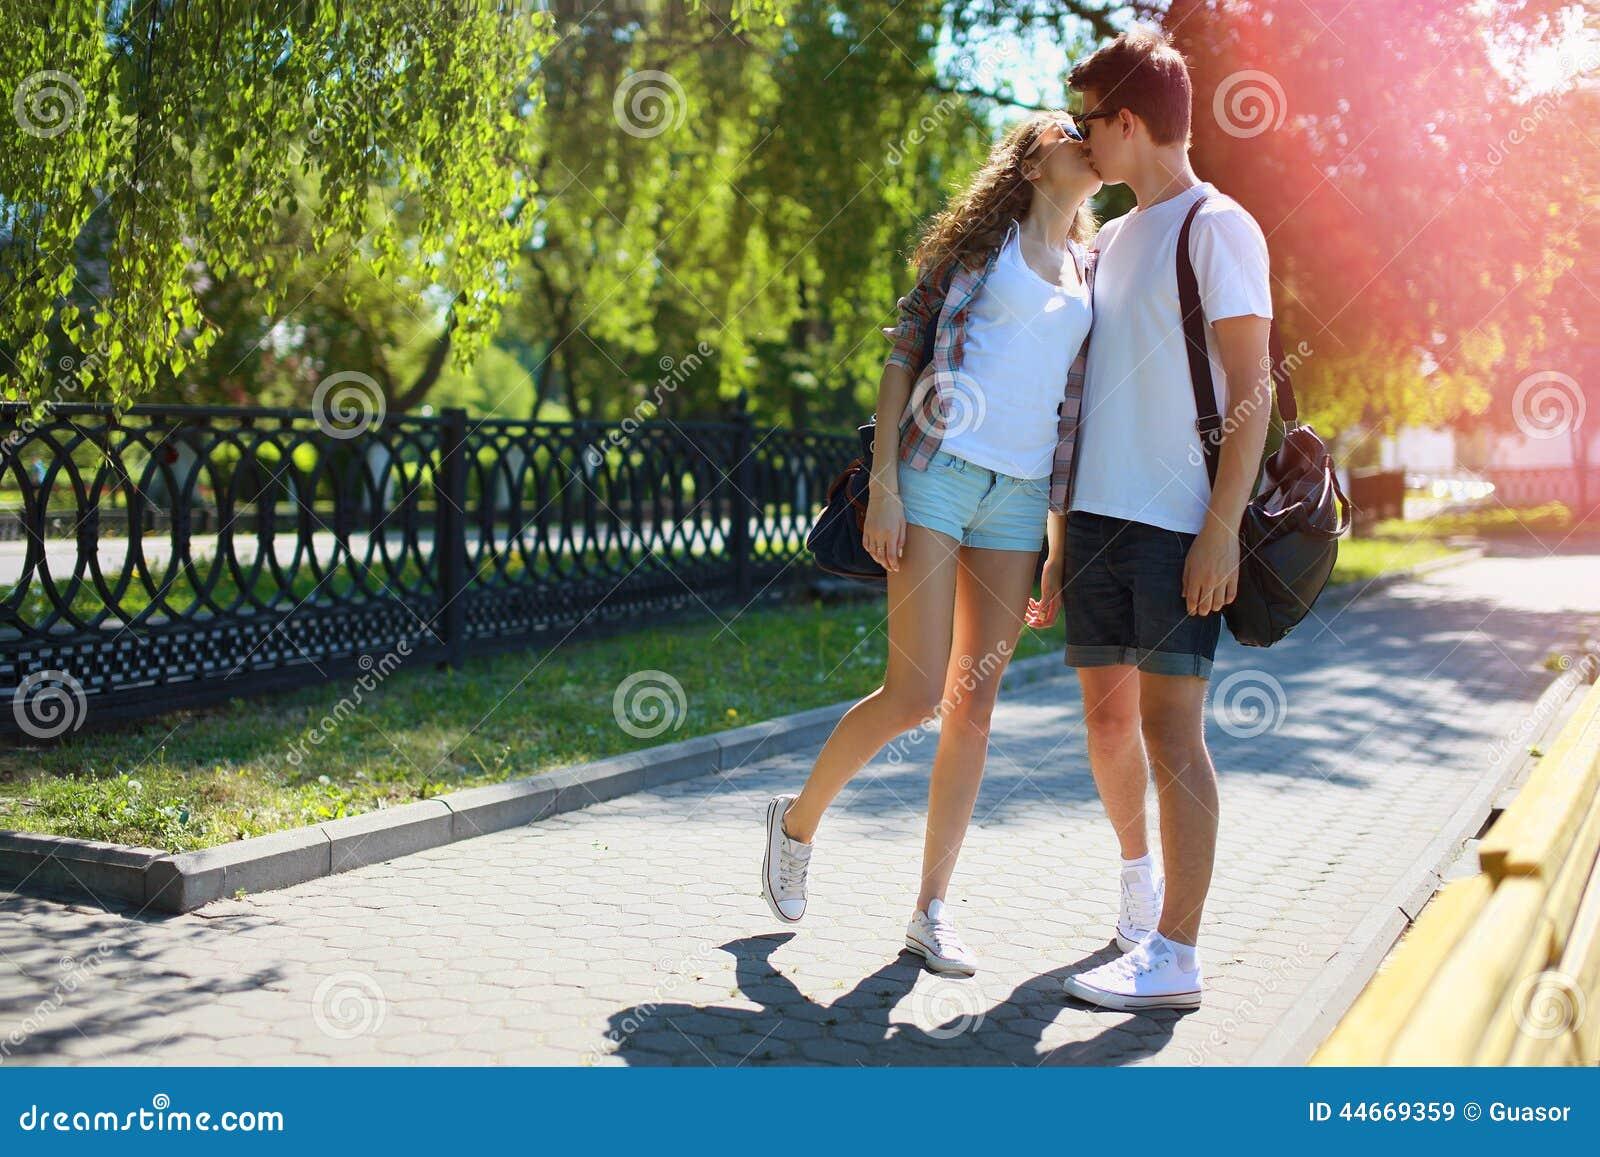 Teens In Love 4